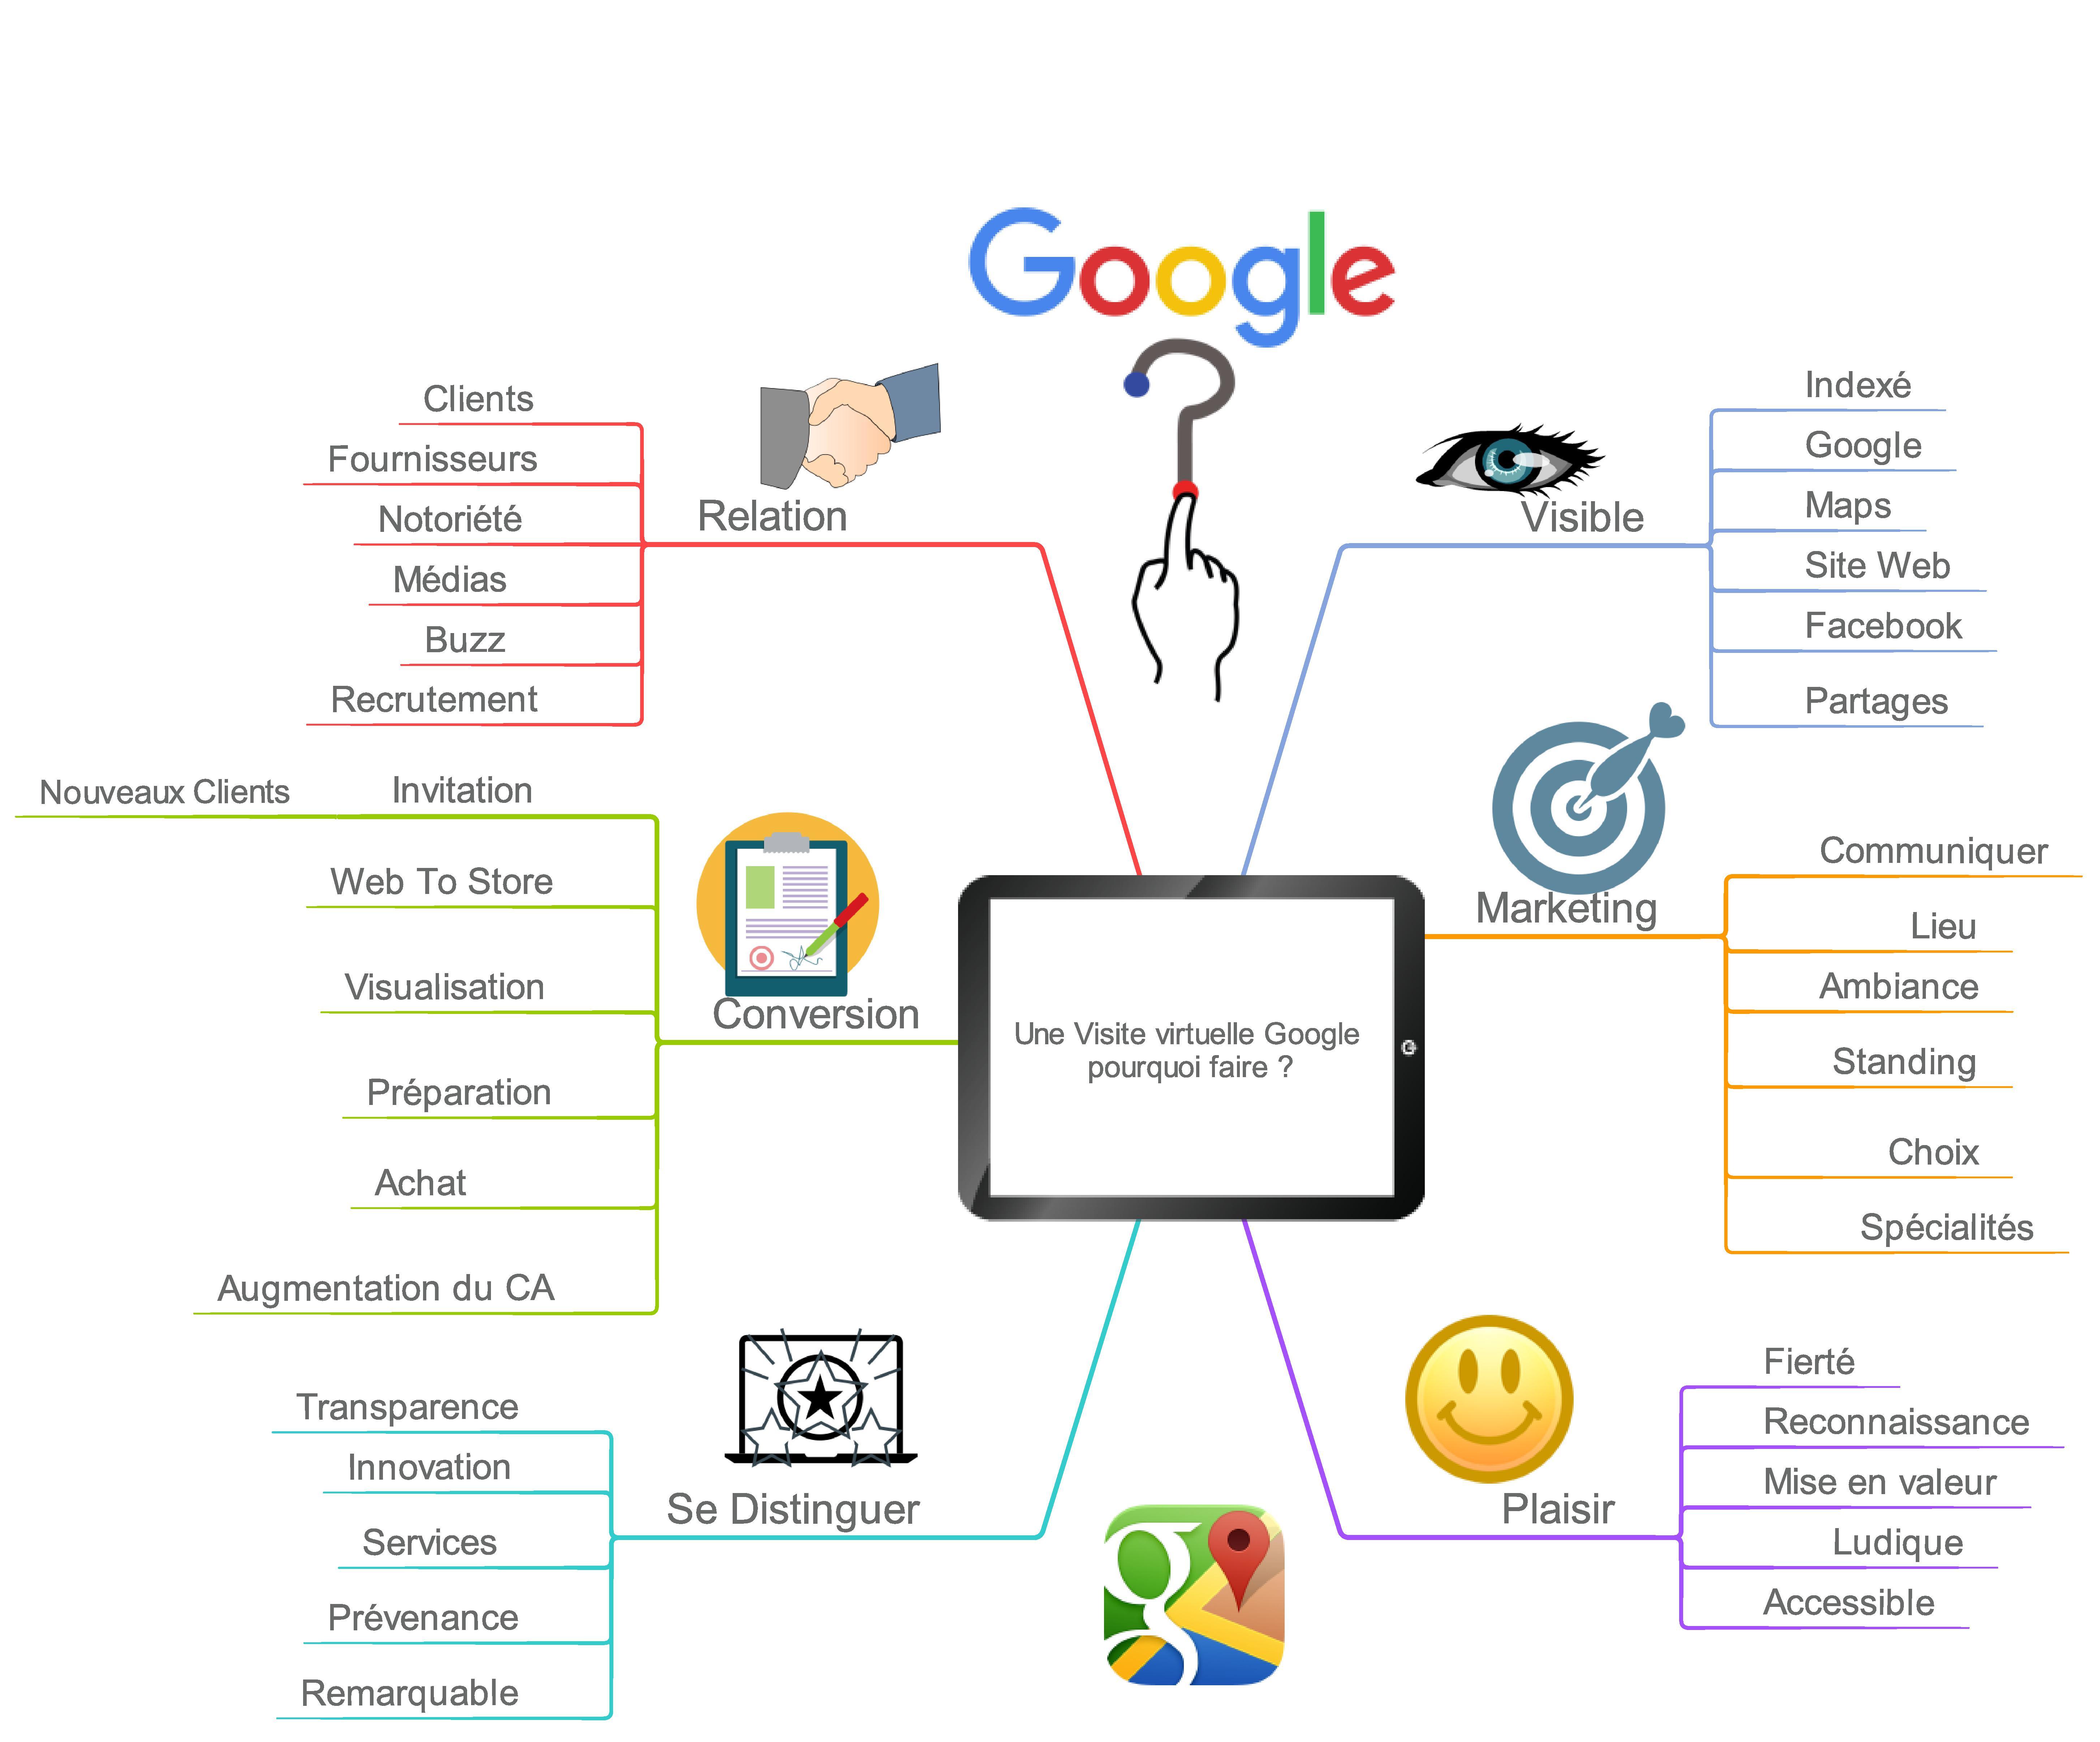 Une Visite virtuelle Google pourquoi faire